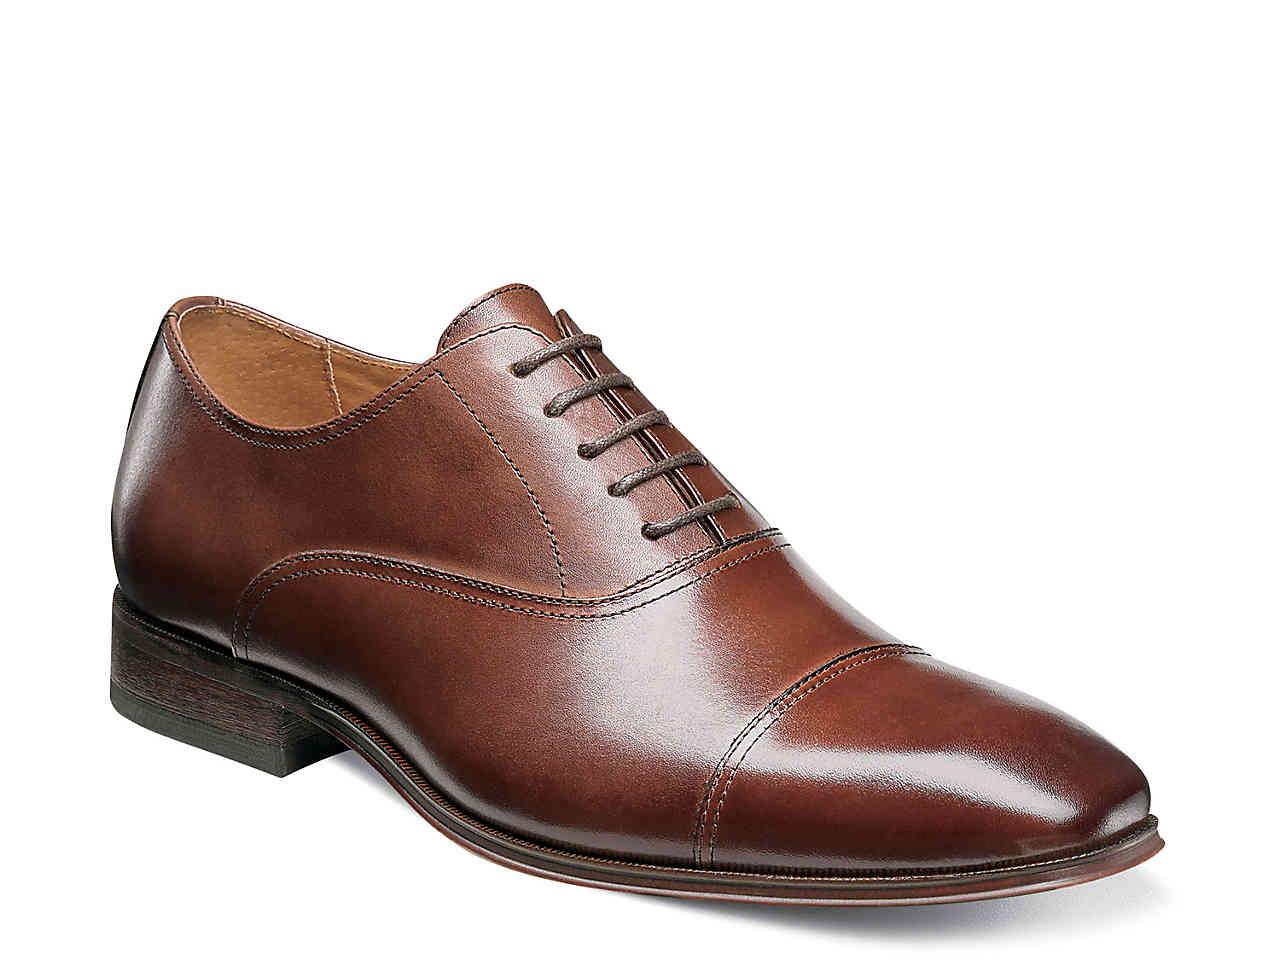 shoe14.jpg